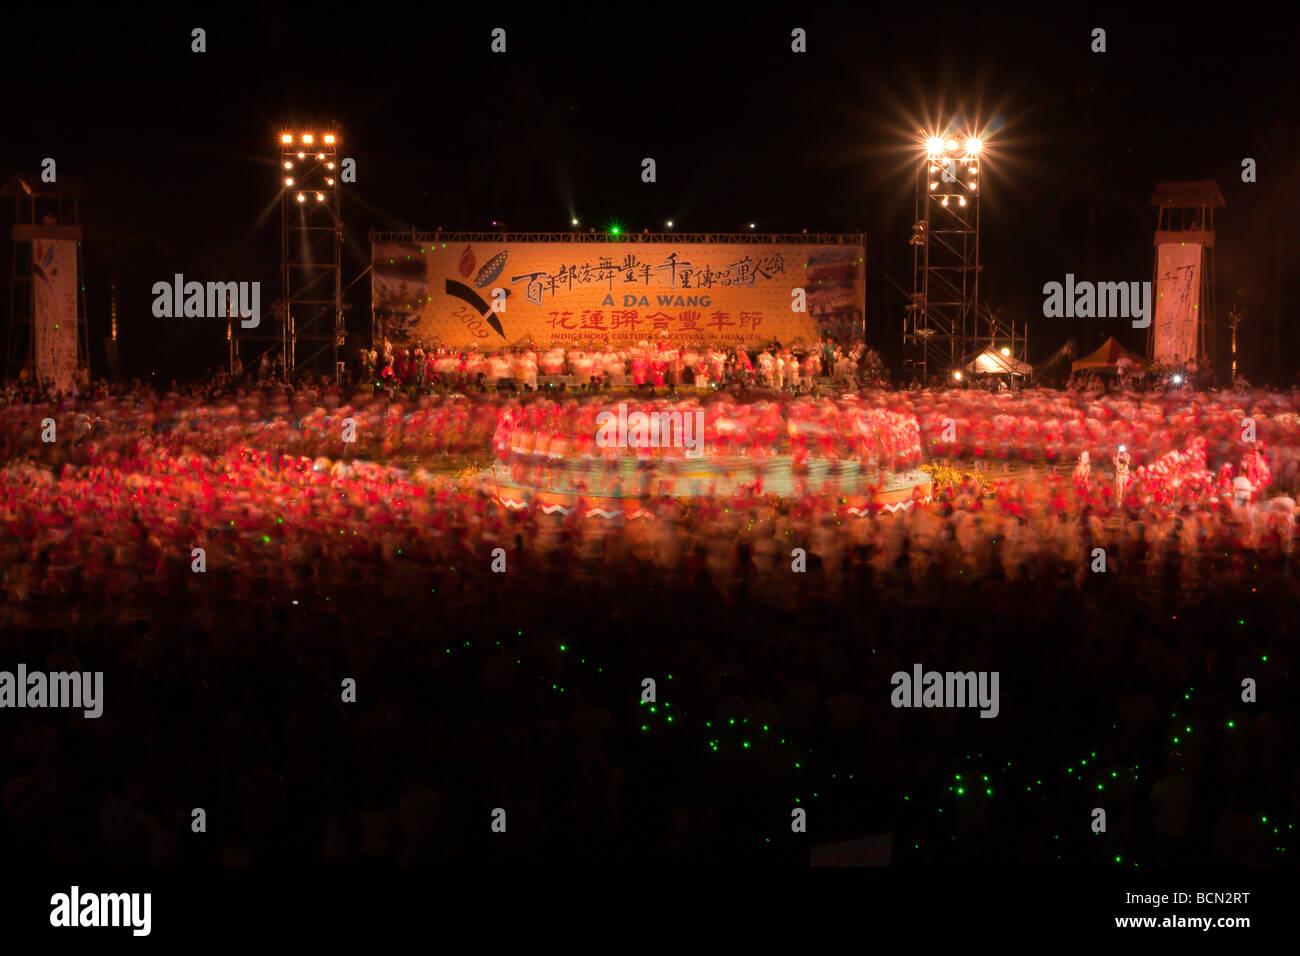 2009' ein DA WANG' indigenen Kulturen Festival (Aboriginal Harvest Festival) in Hualien City, Hualien County, Stockbild